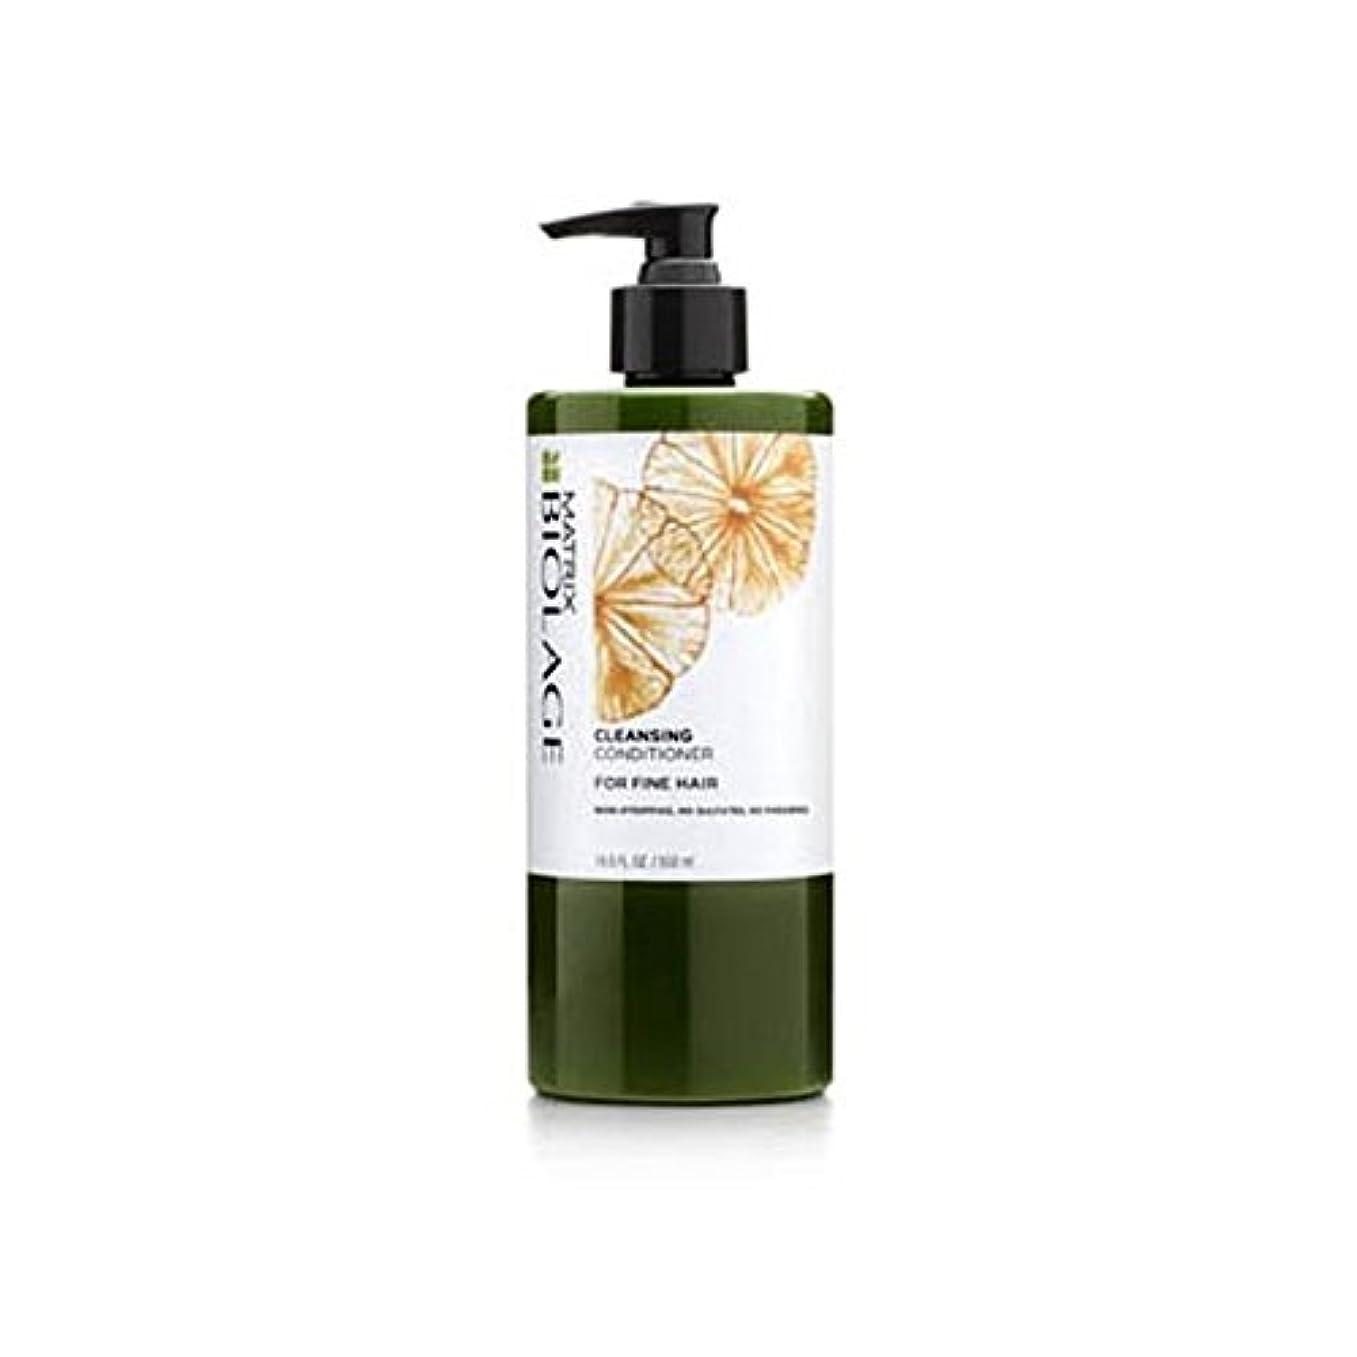 ケージ起きている不振マトリックスバイオレイジクレンジングコンディショナー - 細い髪(500ミリリットル) x4 - Matrix Biolage Cleansing Conditioner - Fine Hair (500ml) (Pack...